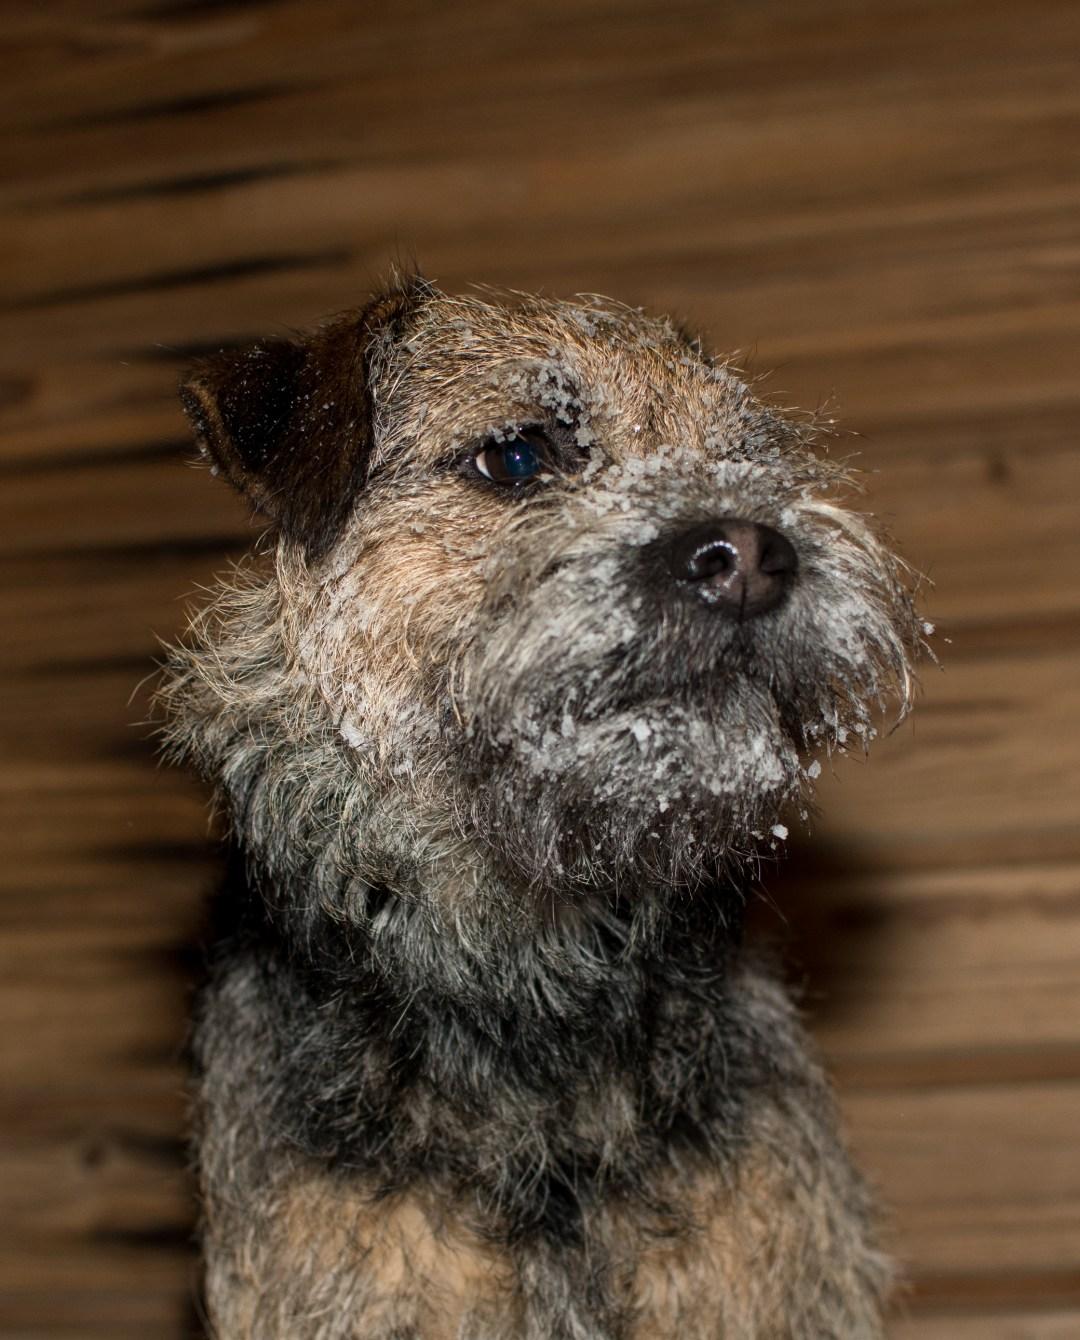 Koirat olivat mukana kuvausreissulla Sompalle kertyi lunta partakarvoihin. Pipon parta oli vielä enemmän lumessa, mutta Pipon kuville tapahtui jotain ihmeellistä. Ne katosivat kamerasta. Oikeasti!